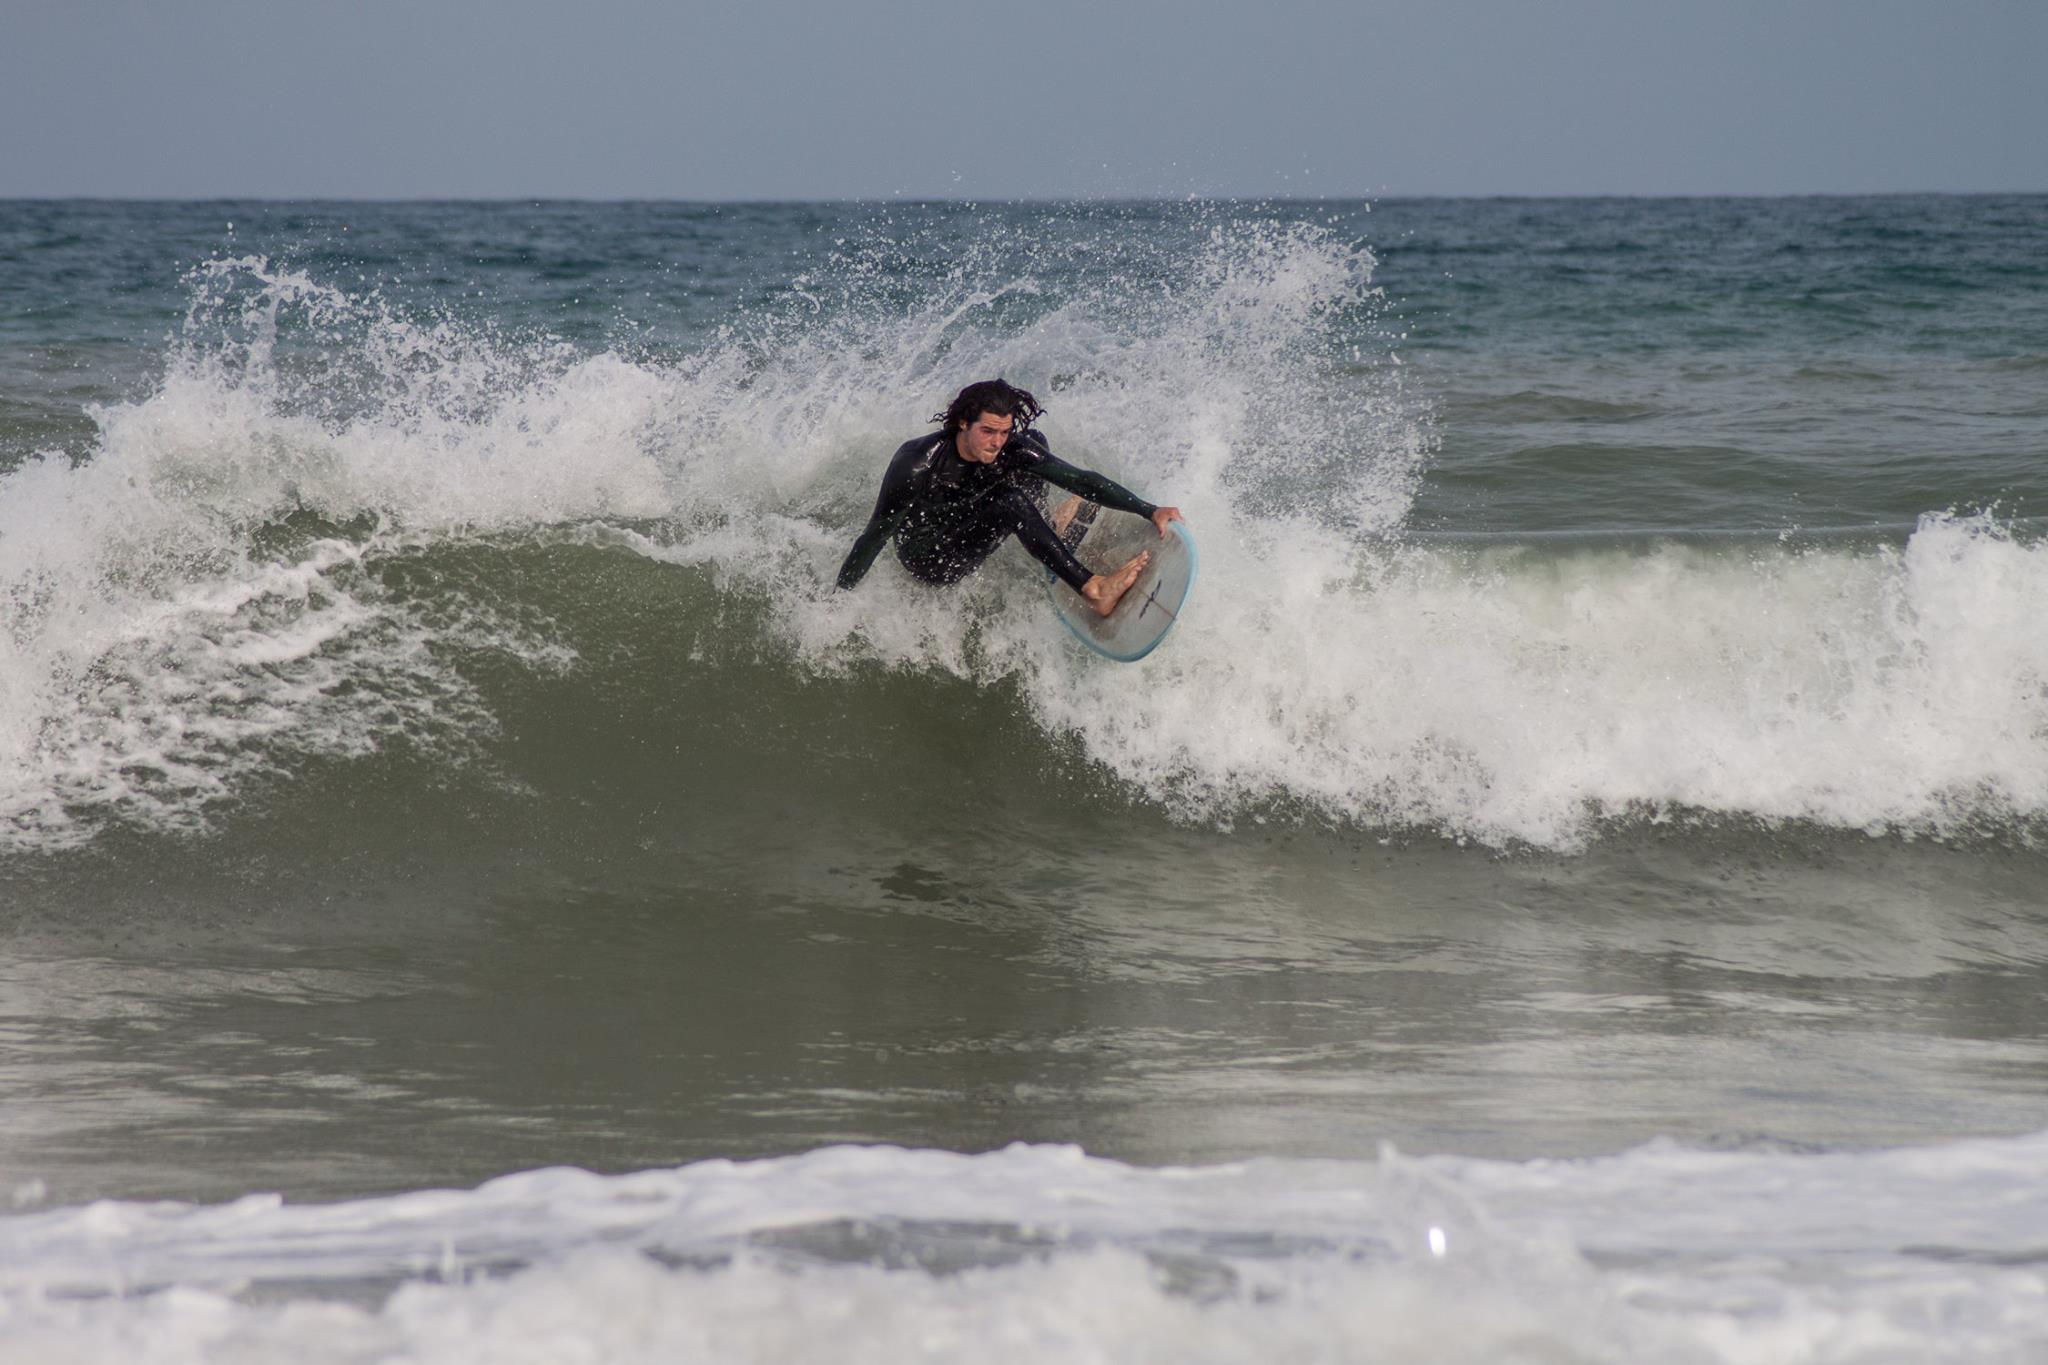 SurfWay Rider